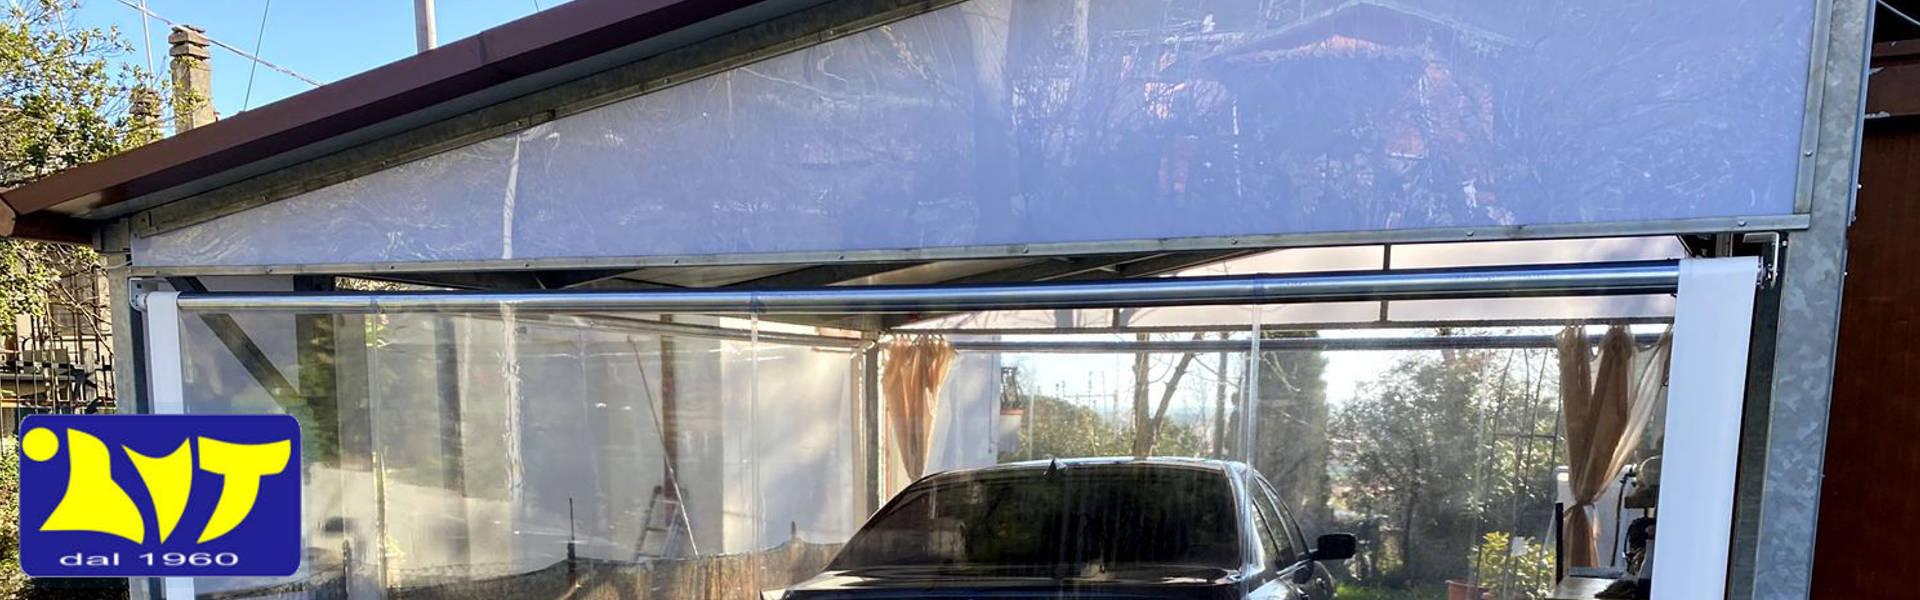 tende invernali per portico esterno